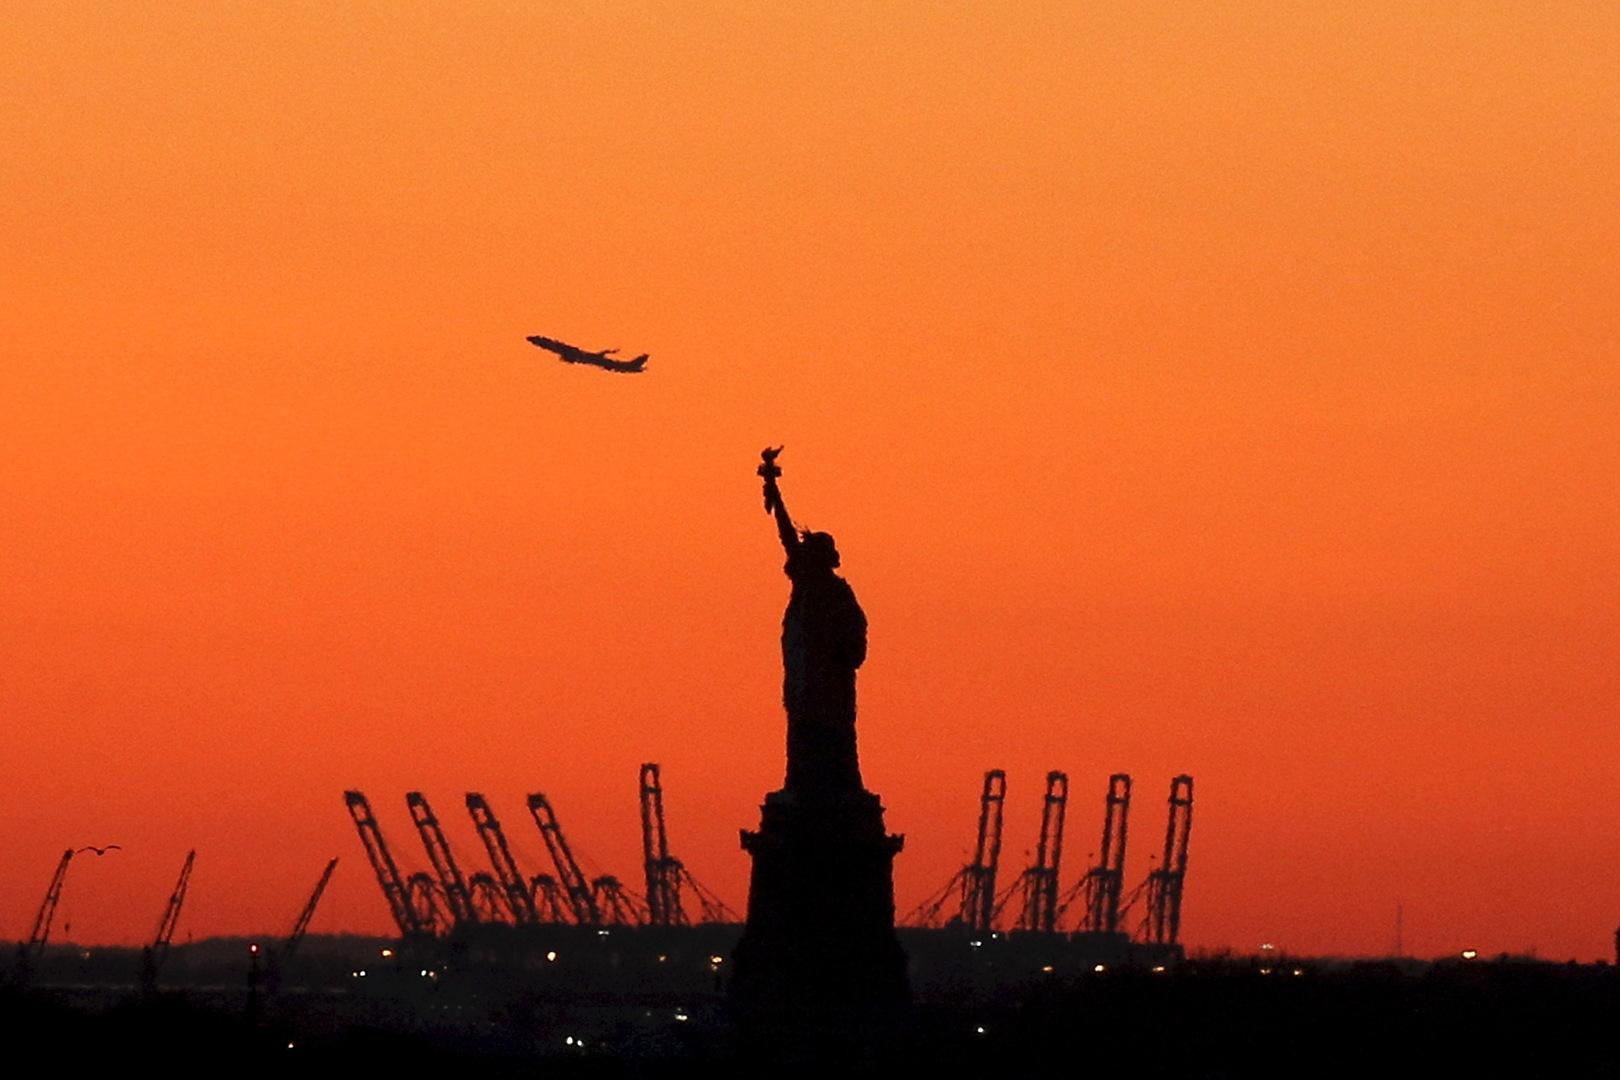 للمرة الثانية خلال أسبوعين..استجواب صحفي من فريق RT في مطار نيويورك